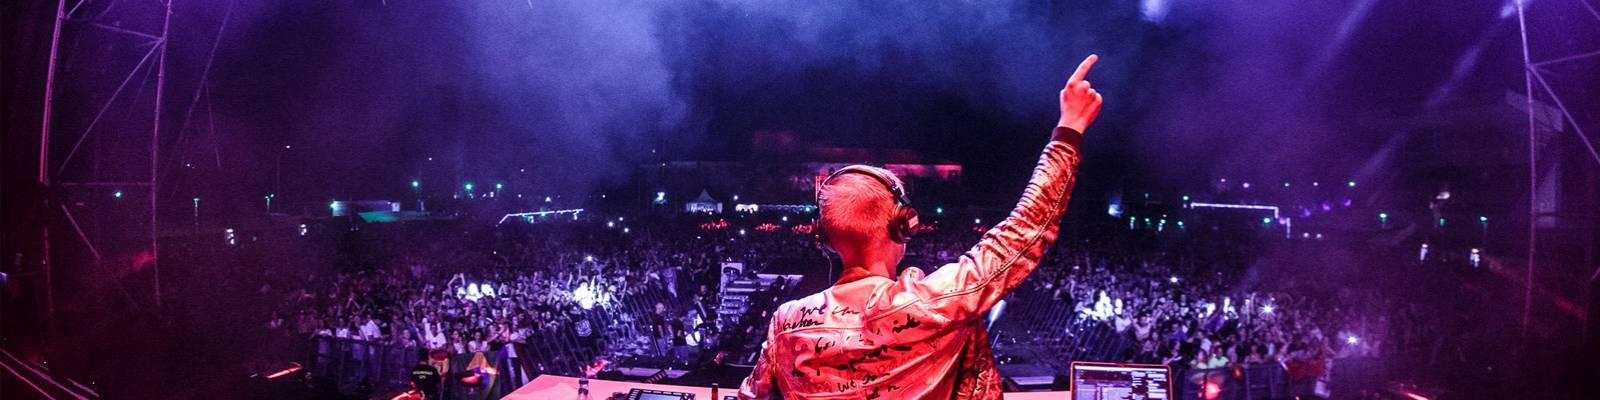 Armin van Buuren announces 'Club Embrace' mix album